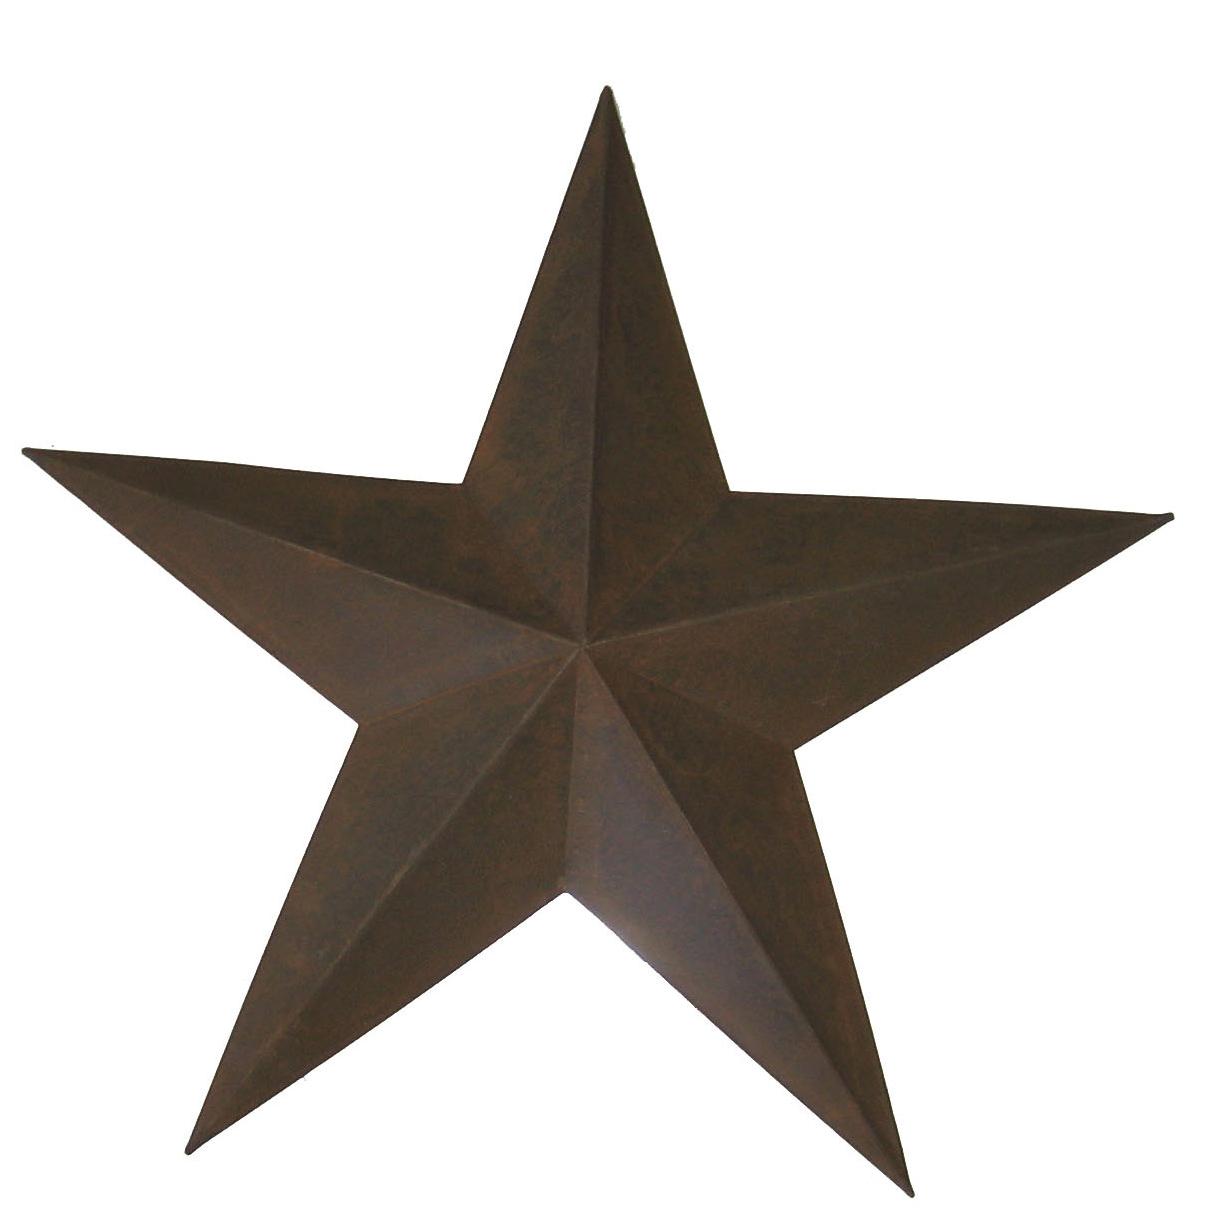 2019 Raised Star Wall Decor For Star Wall Art – Pmpresssecretariat (Gallery 3 of 20)